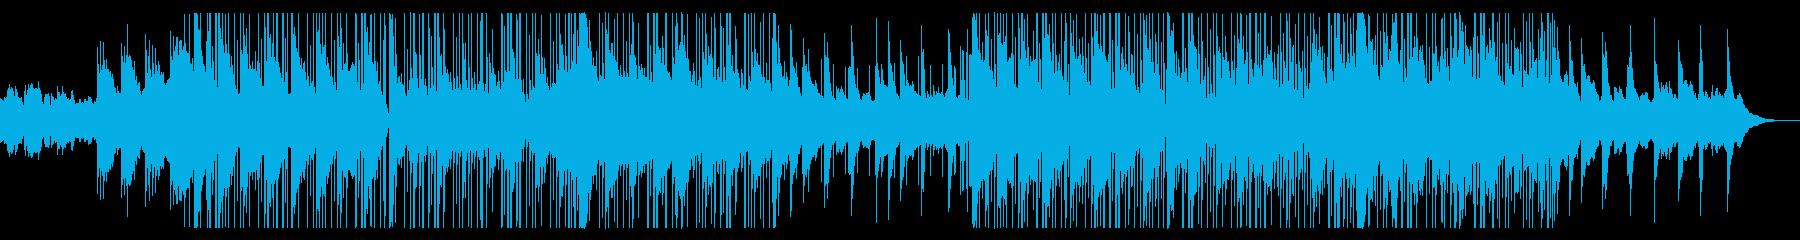 春らしいBGMです。の再生済みの波形